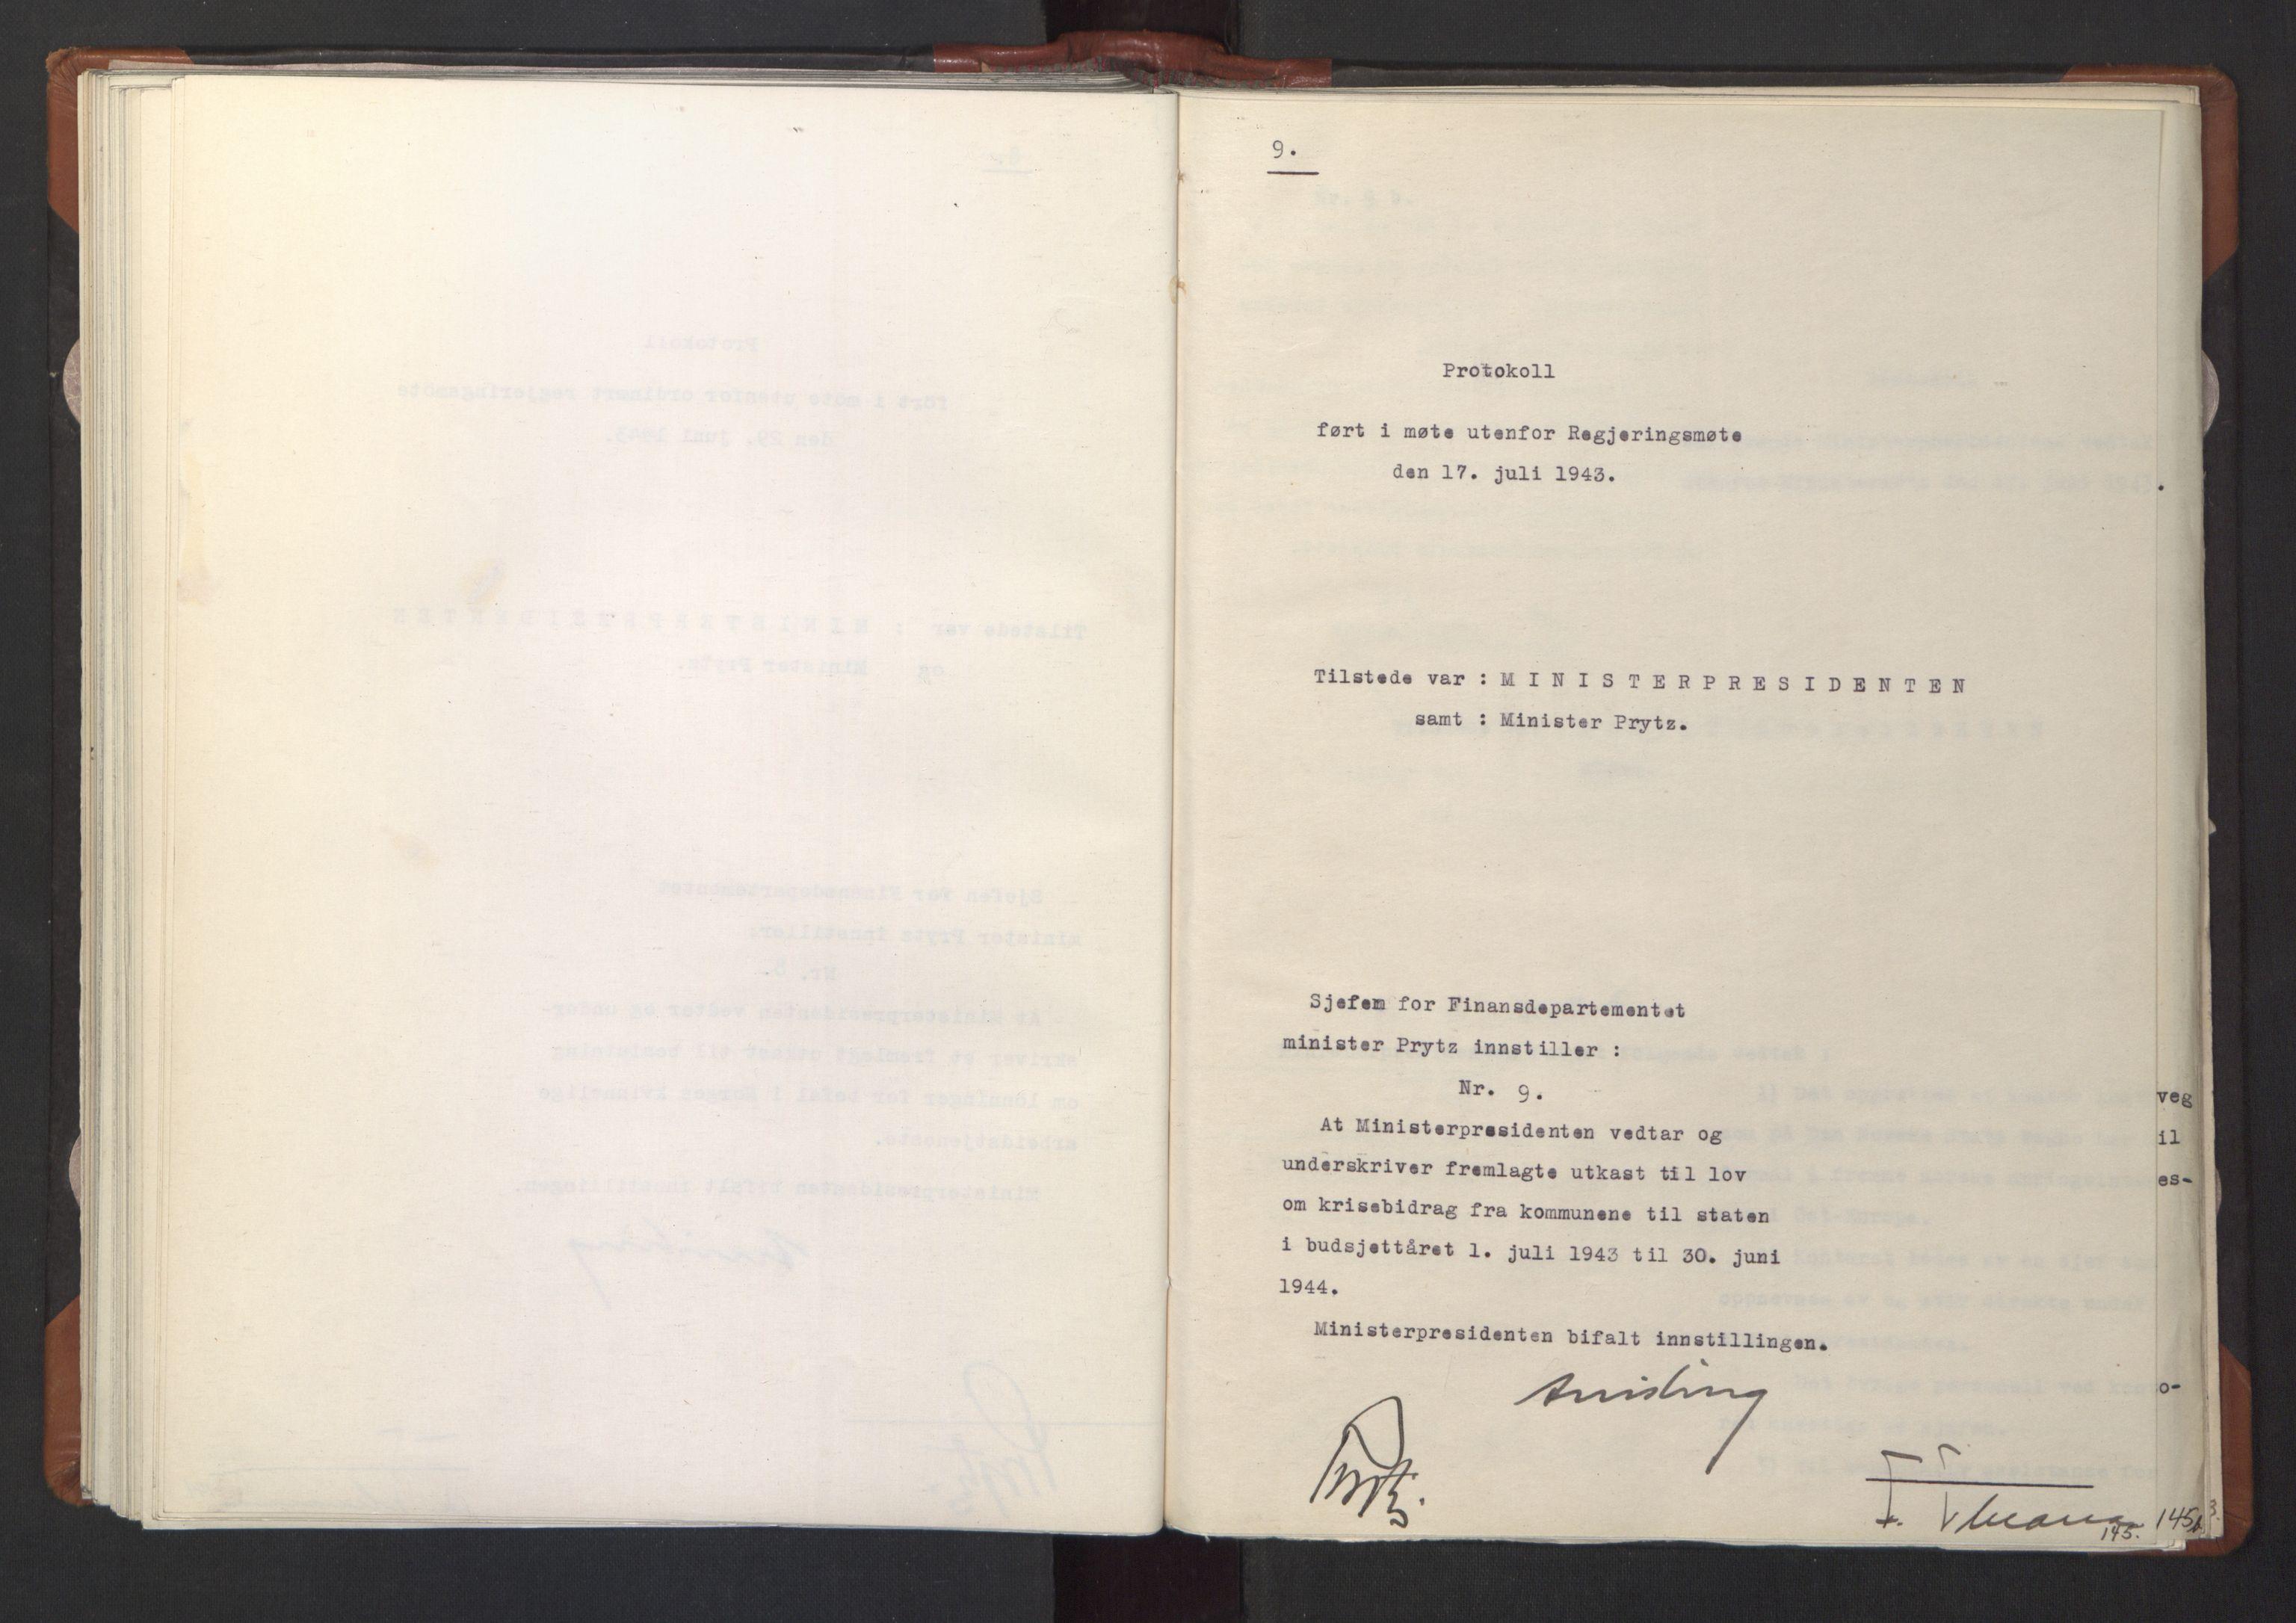 RA, NS-administrasjonen 1940-1945 (Statsrådsekretariatet, de kommisariske statsråder mm), D/Da/L0003: Vedtak (Beslutninger) nr. 1-746 og tillegg nr. 1-47 (RA. j.nr. 1394/1944, tilgangsnr. 8/1944, 1943, s. 145a